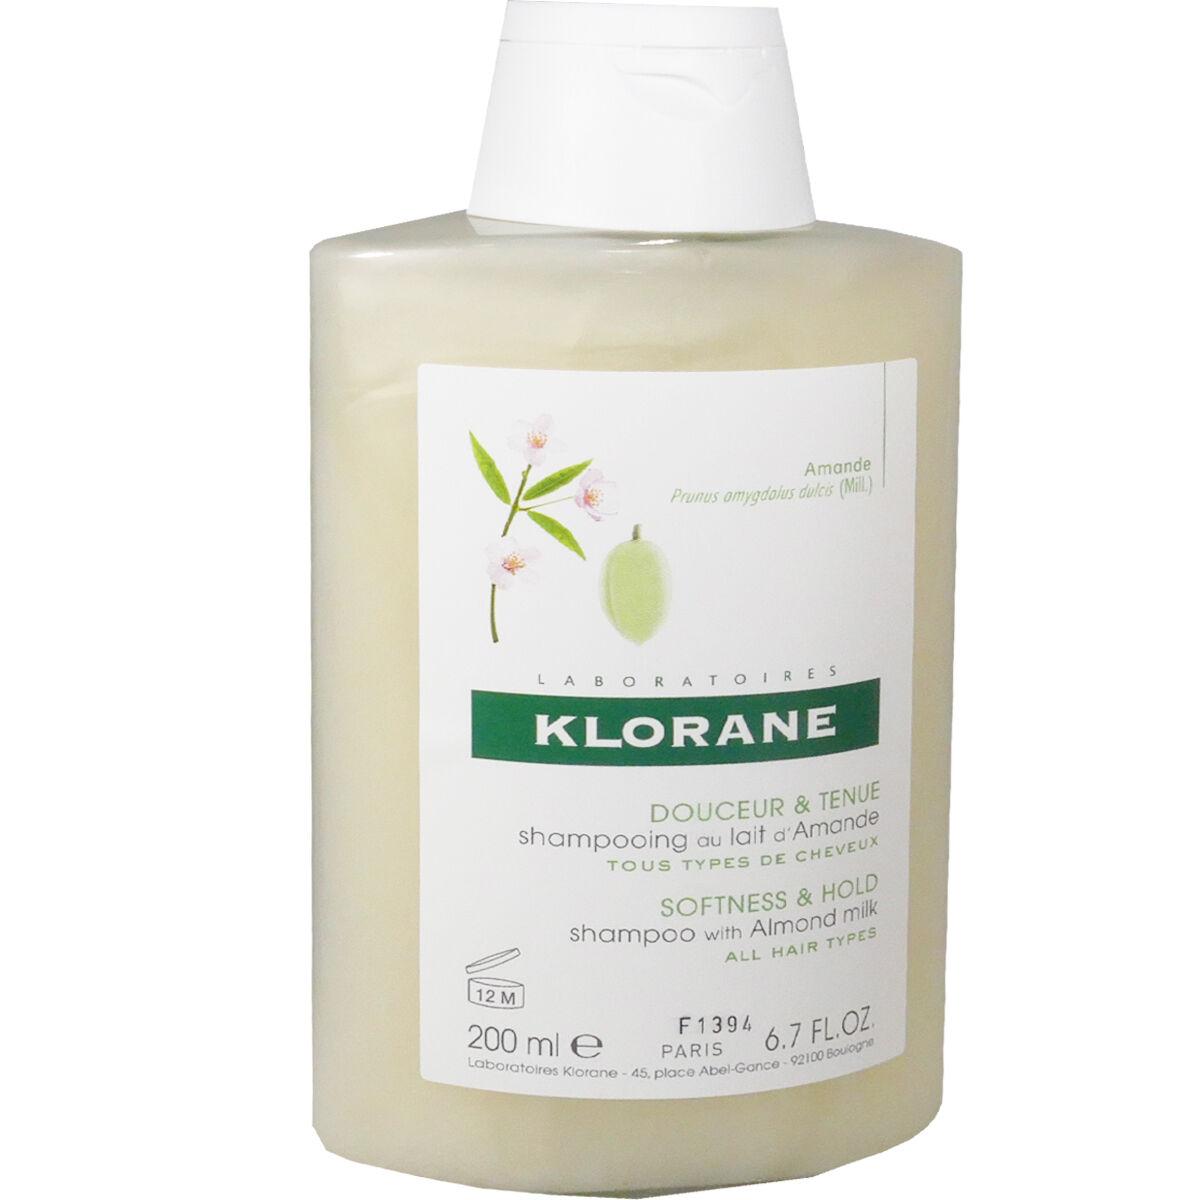 Klorane shampooing lait d'amande douceur 200 ml